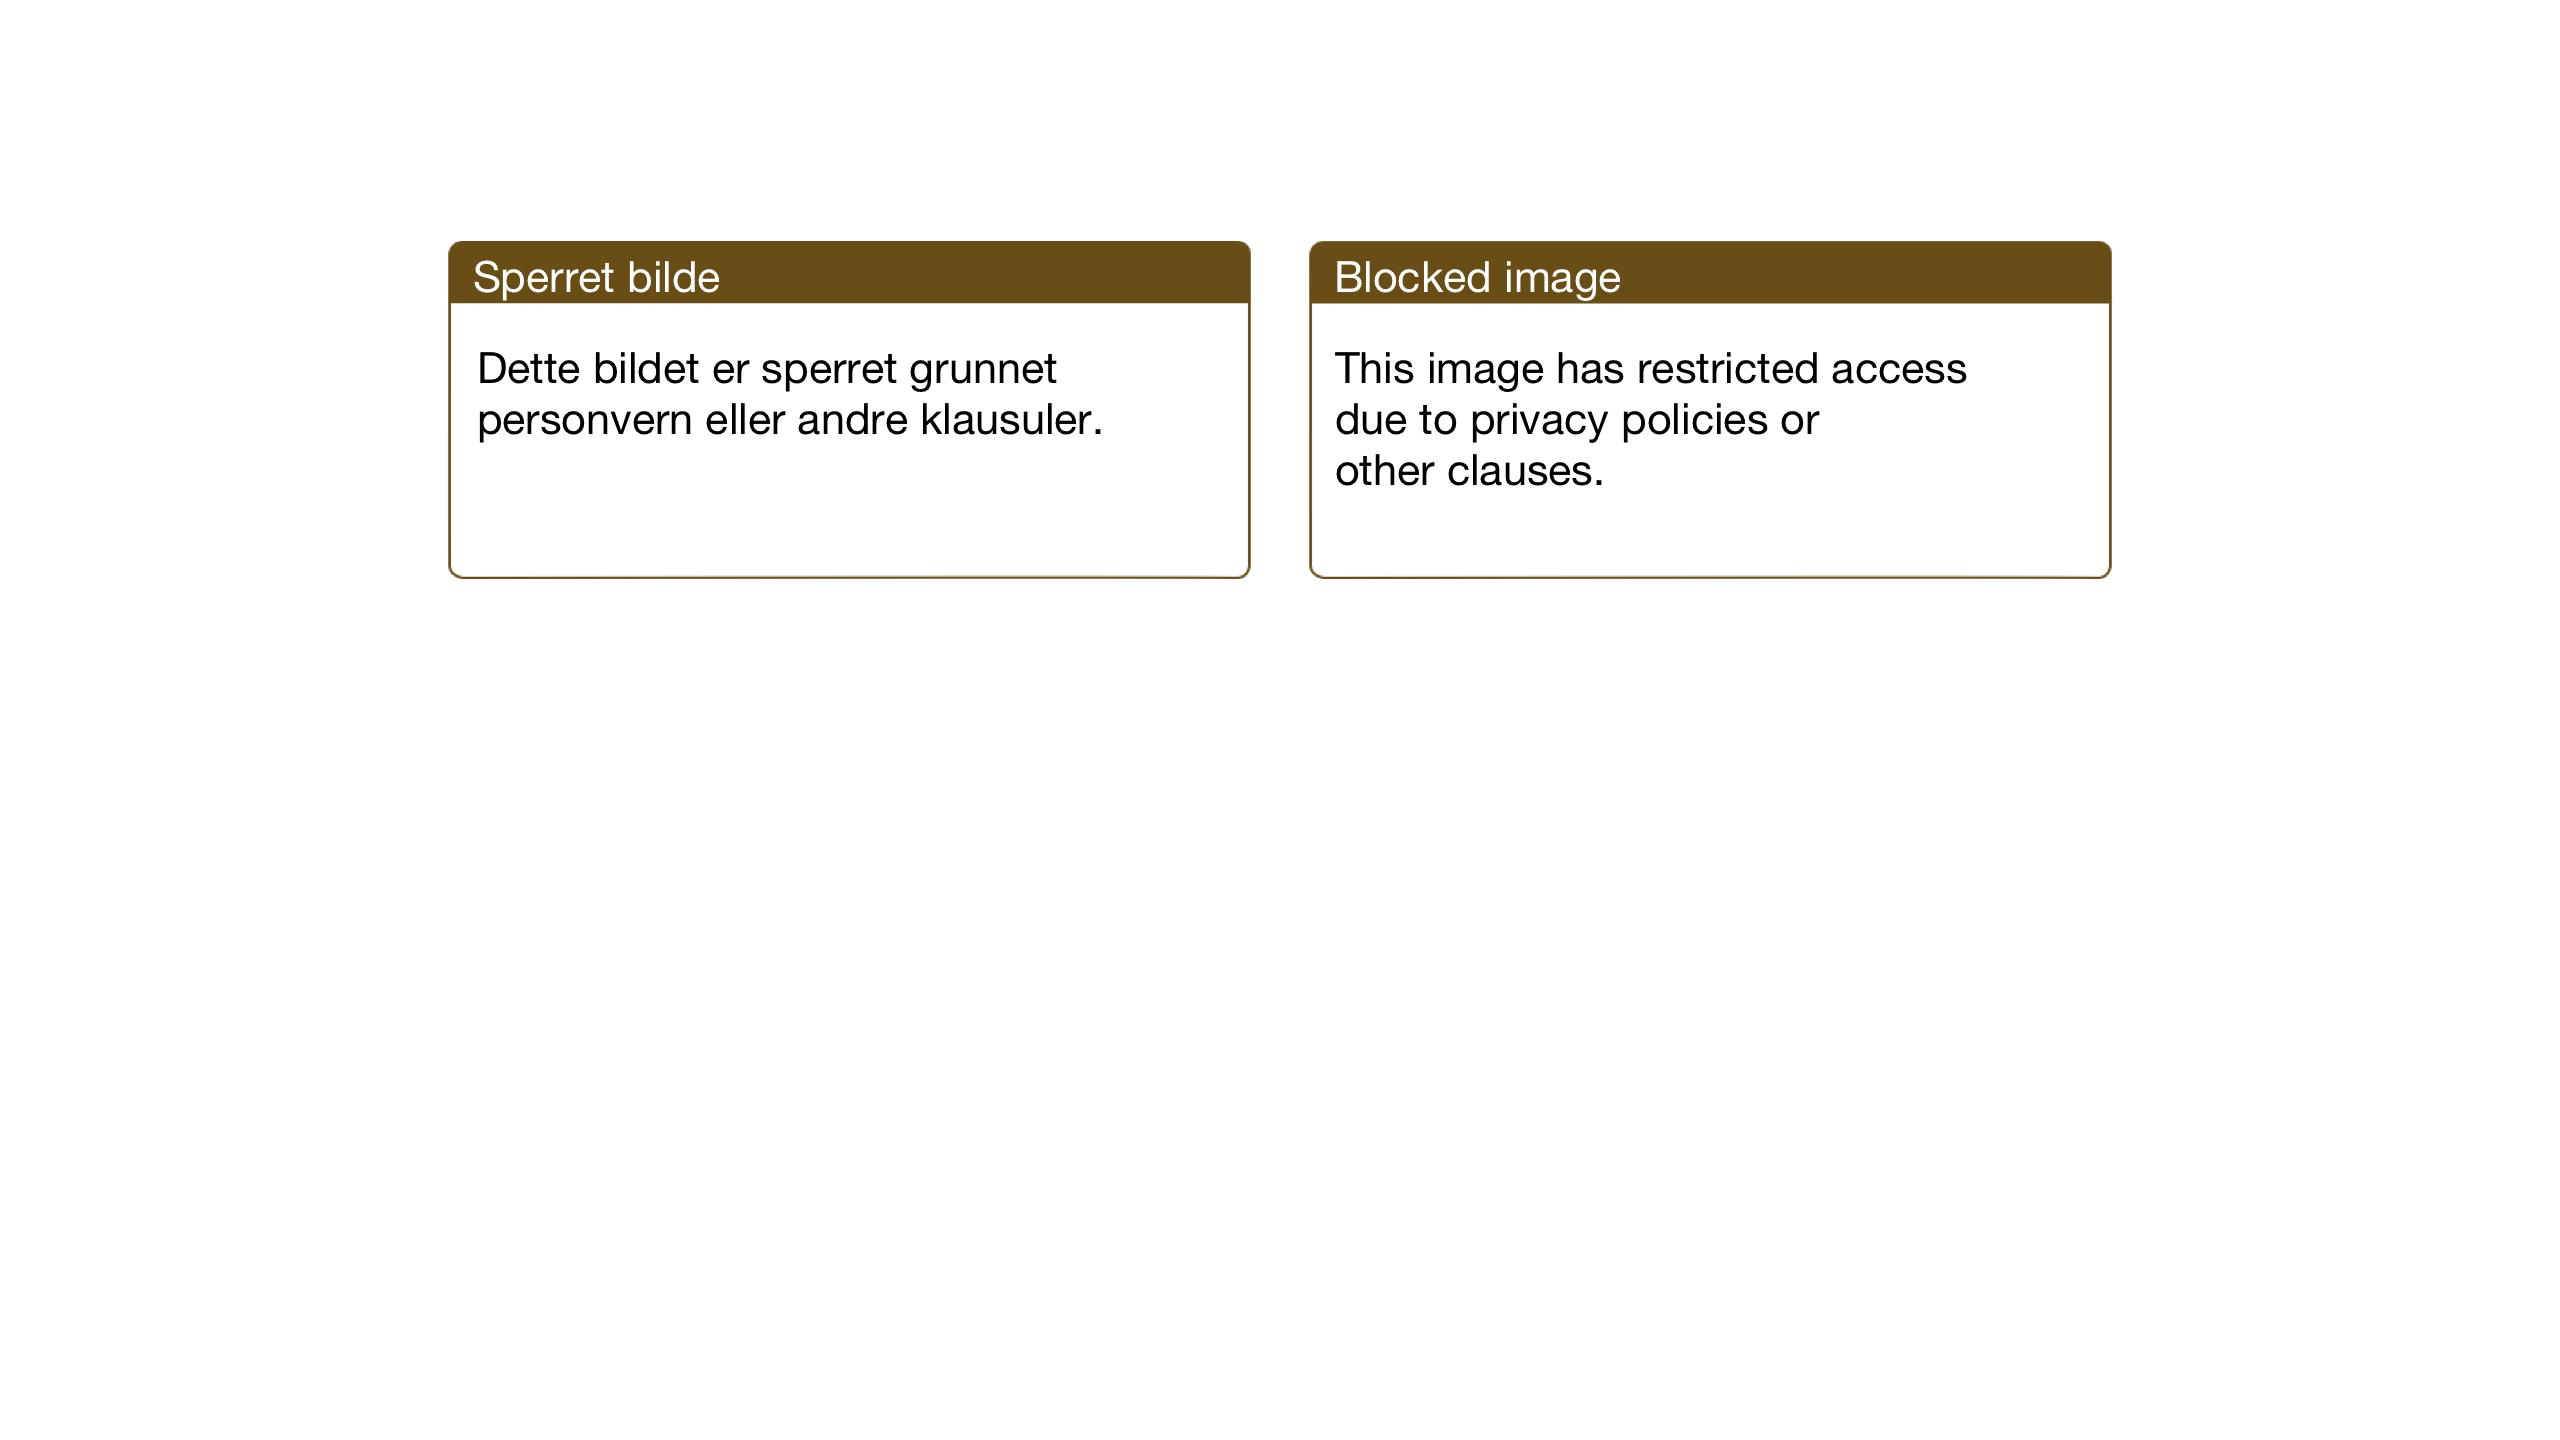 SAT, Ministerialprotokoller, klokkerbøker og fødselsregistre - Sør-Trøndelag, 611/L0358: Klokkerbok nr. 611C06, 1943-1946, s. 48